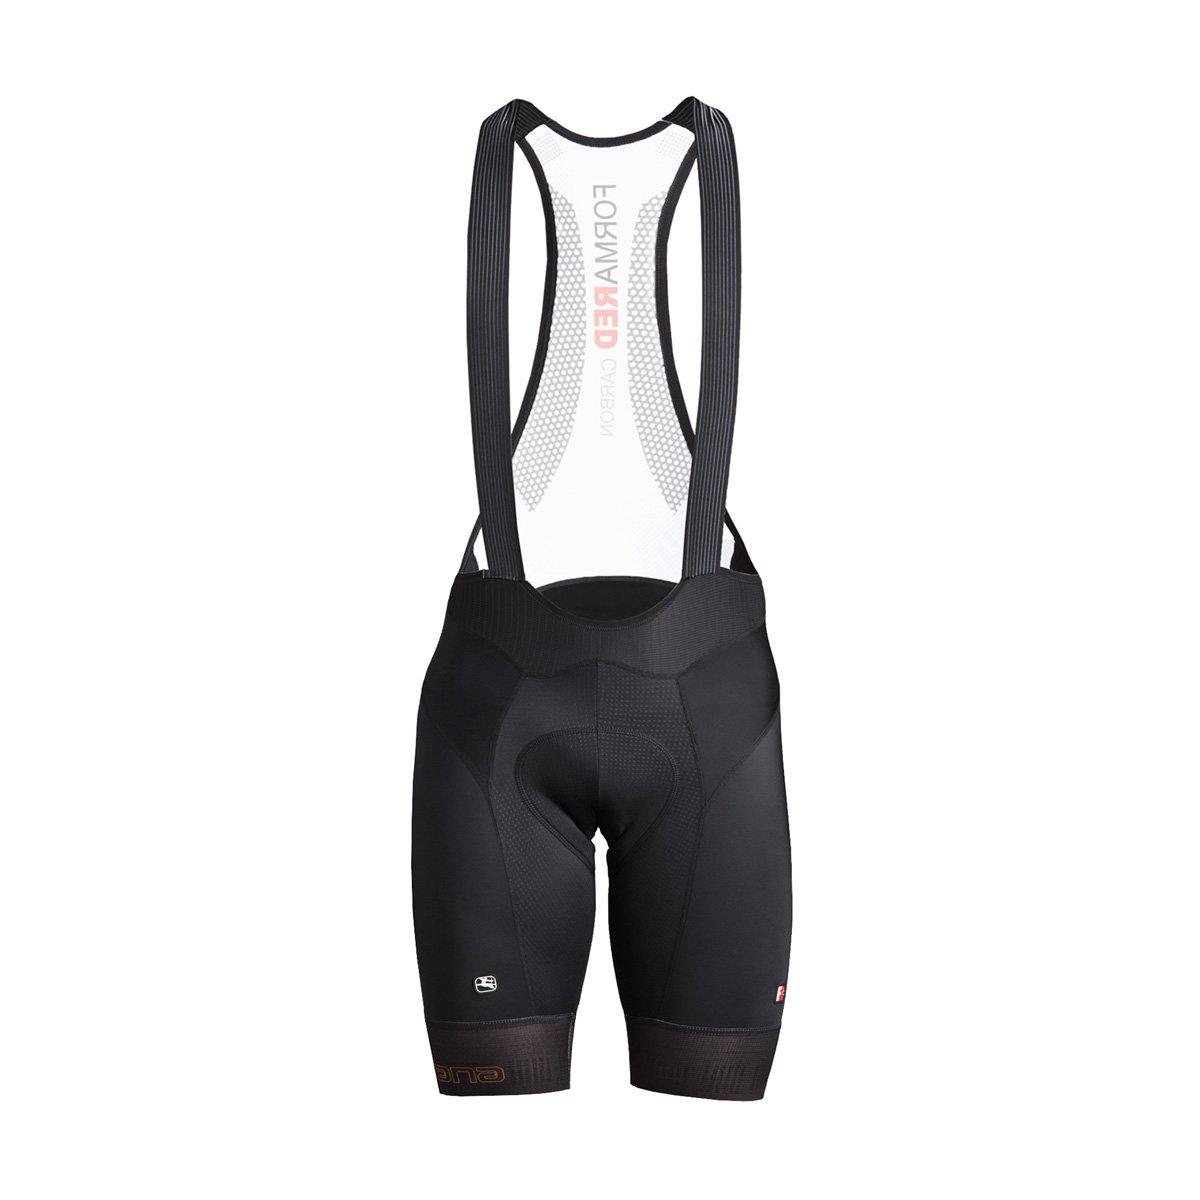 mens cycling bib shorts cycling bib pants Bicycle cycling Clothing cycling bibs